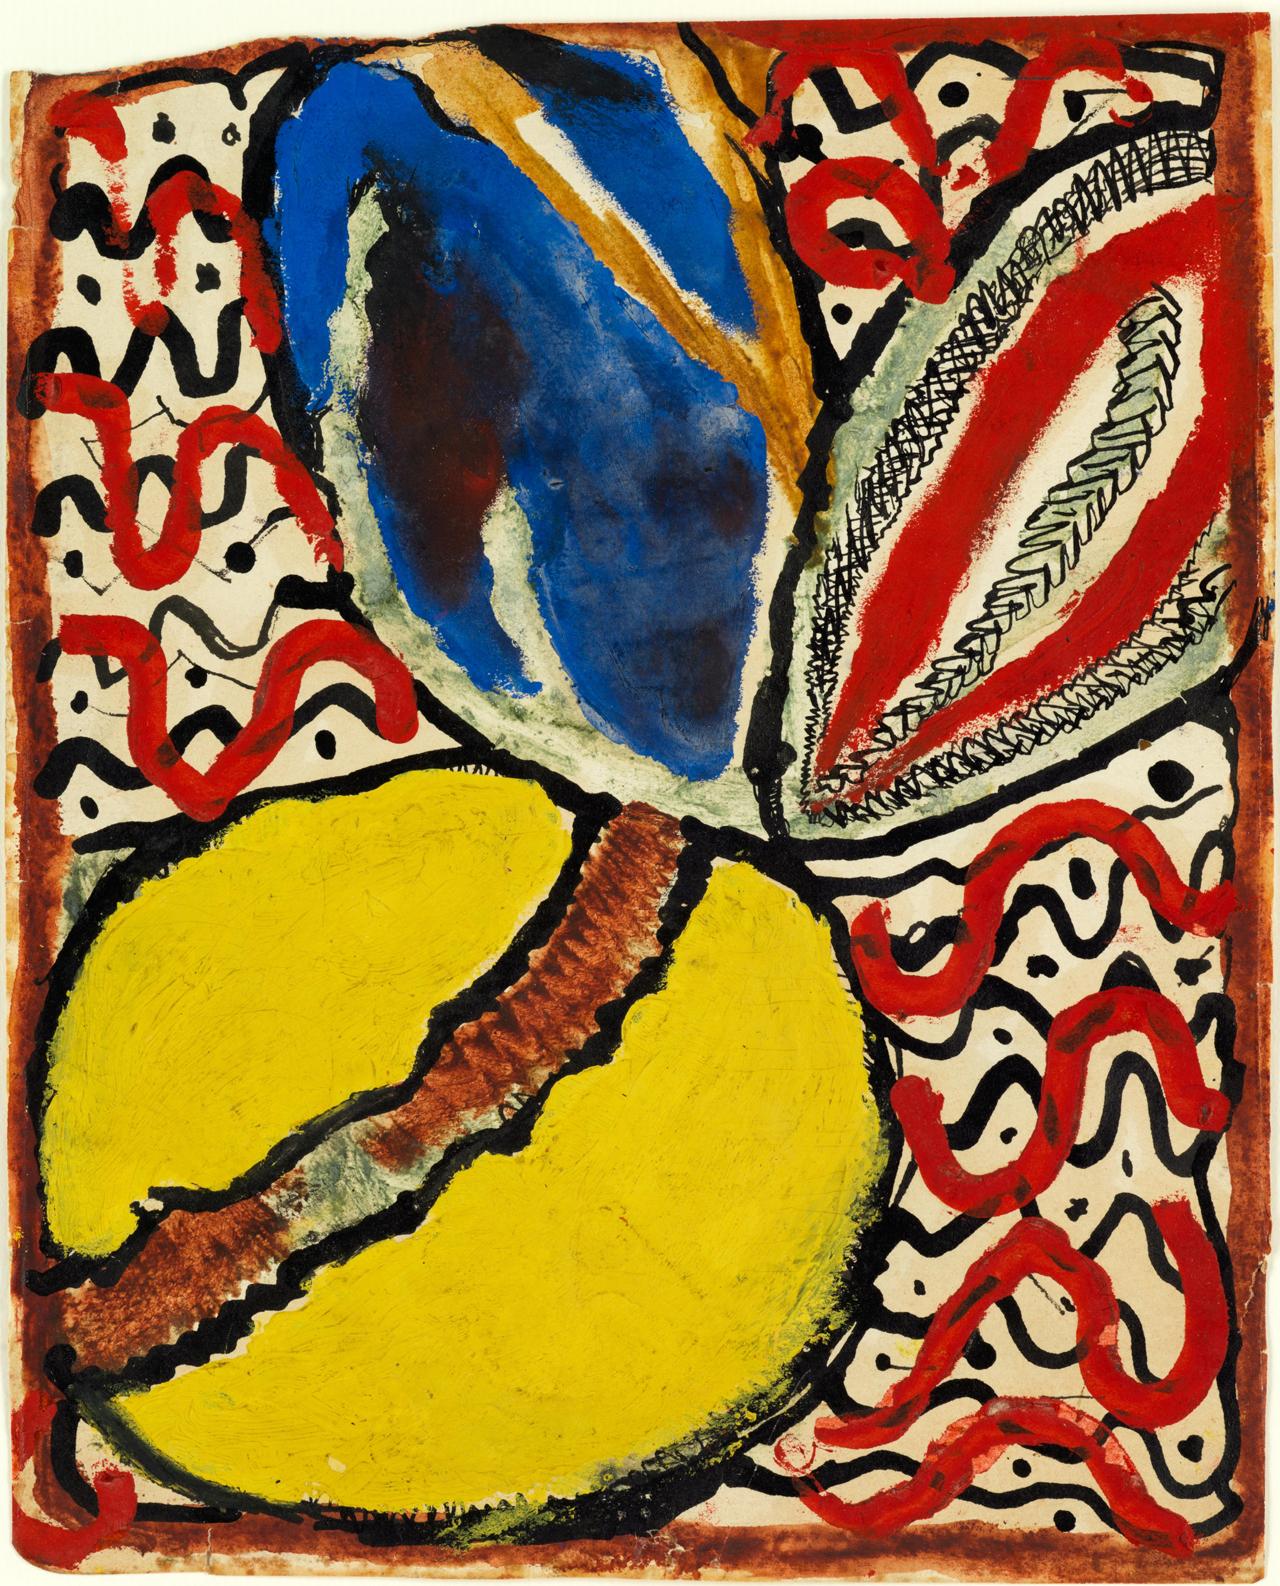 Louis Soutter, Citron, feuille et motifs décoratifs, n.d. Gouache, Aquarell und Tusche auf Papier, 25,5 x 20,5 cm